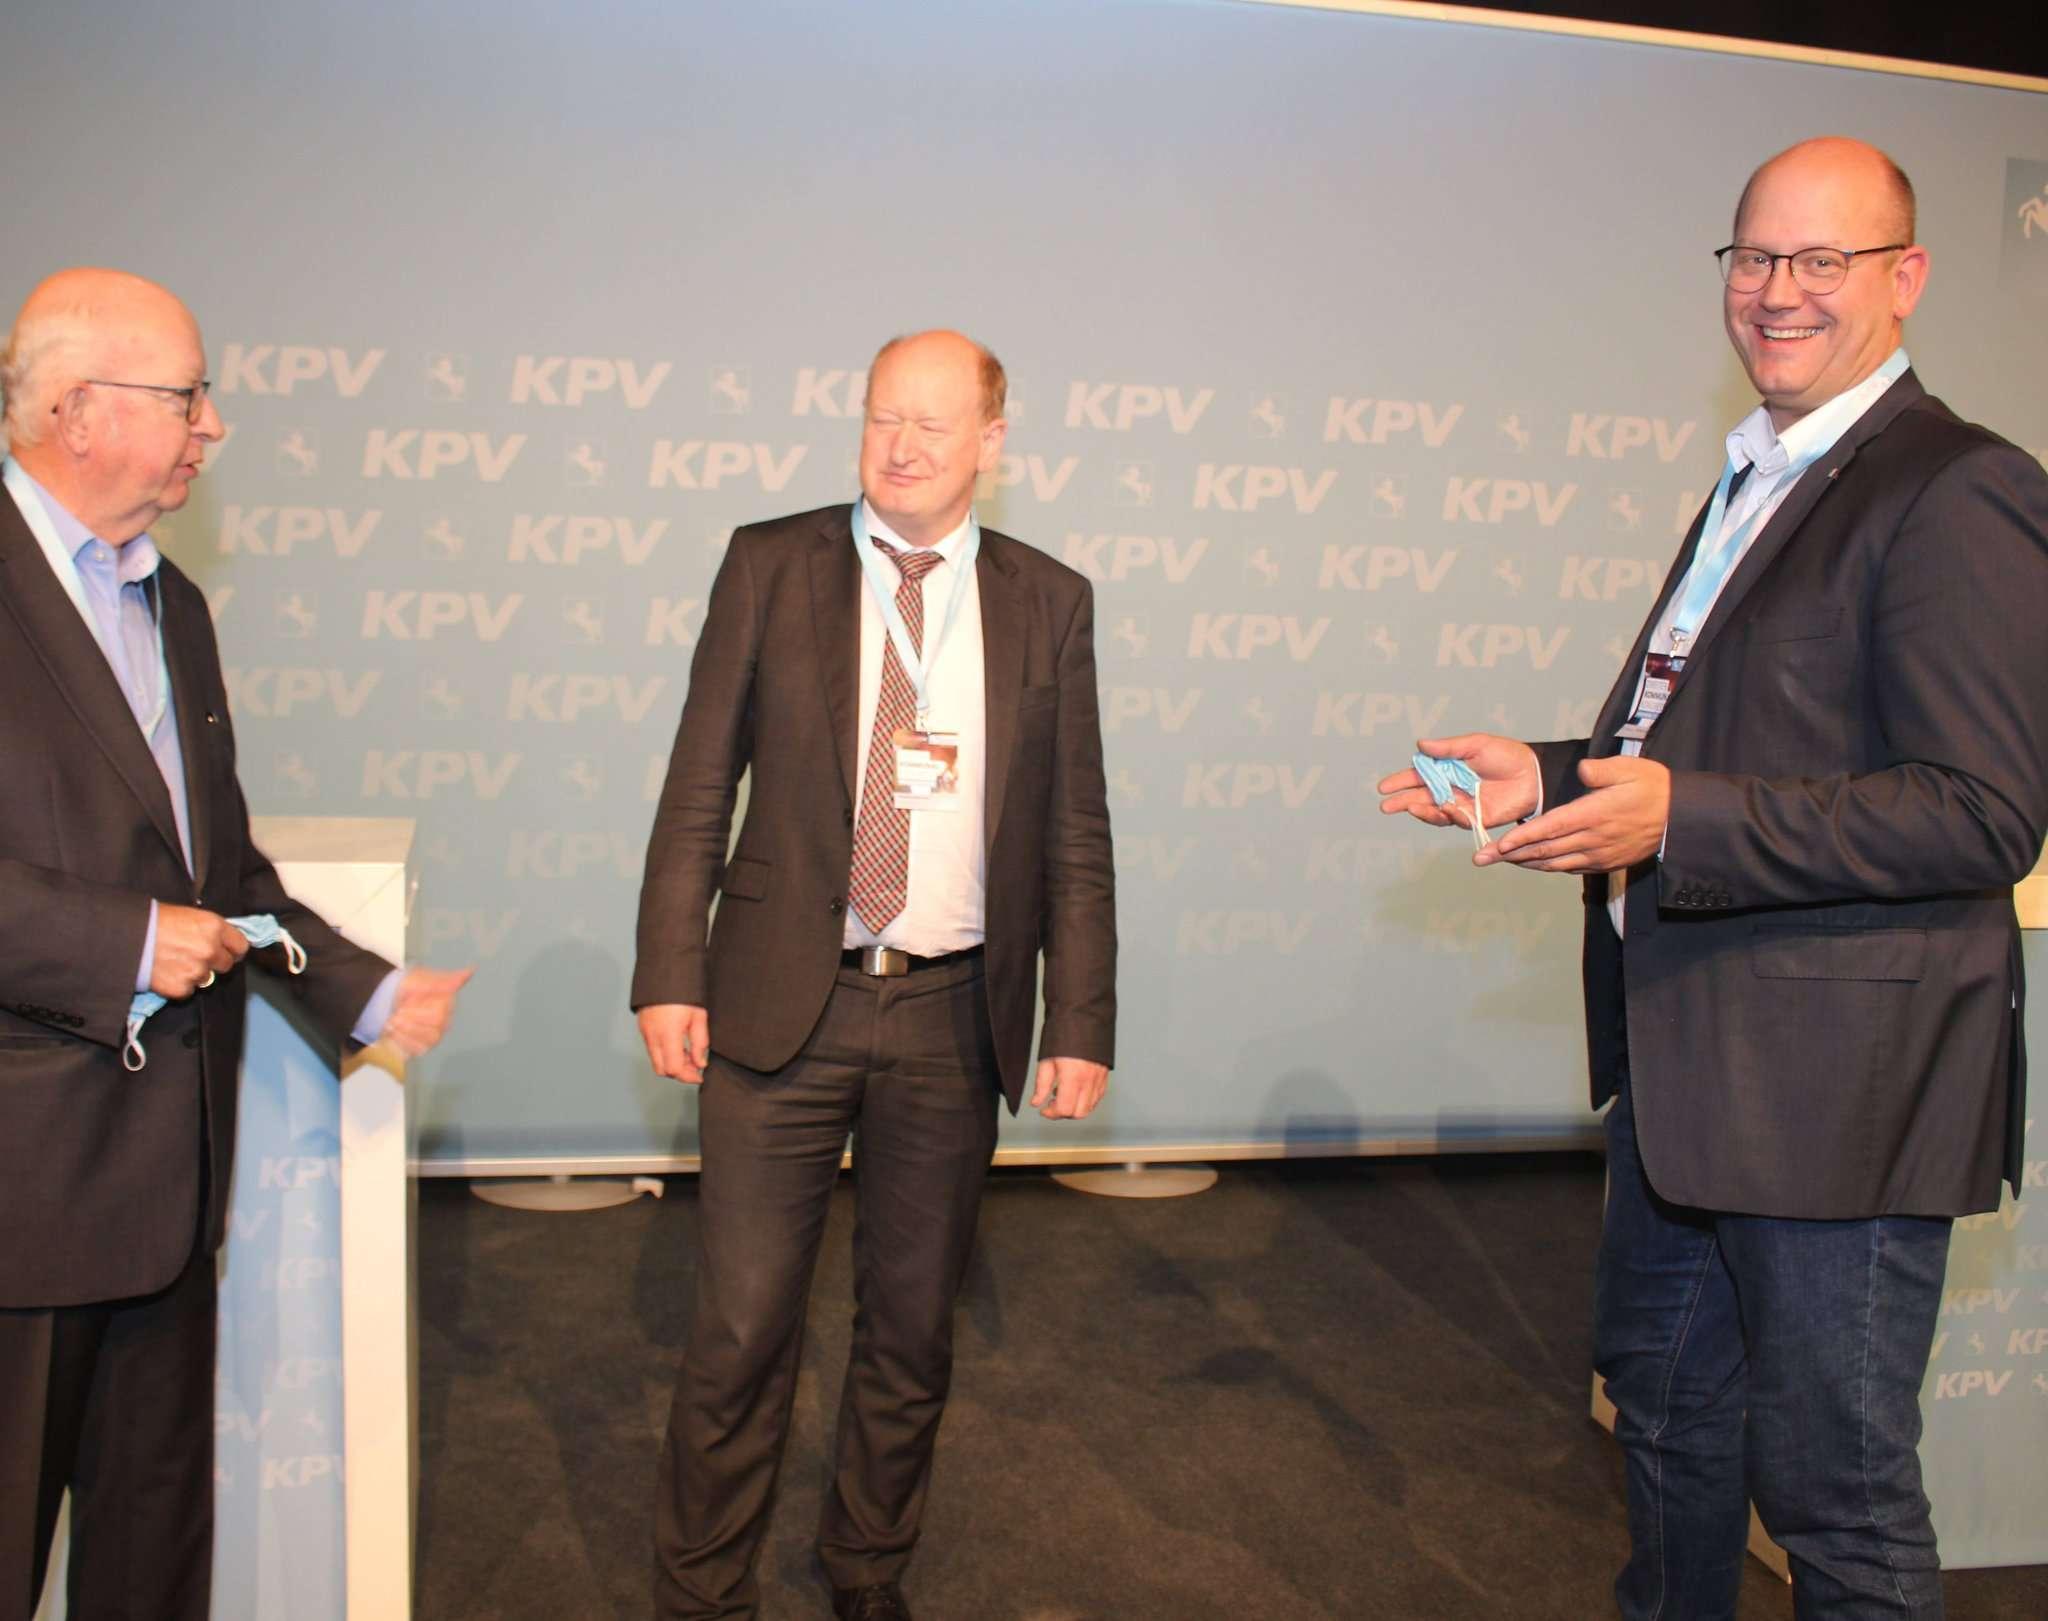 Der Rotenburger Ratsherr Heinz-Günter Bargfrede (links) und Landtagsmitglied Marco Mohrmann (rechts) im Gespräch mit Finanzminister Reinhold Hilbe.